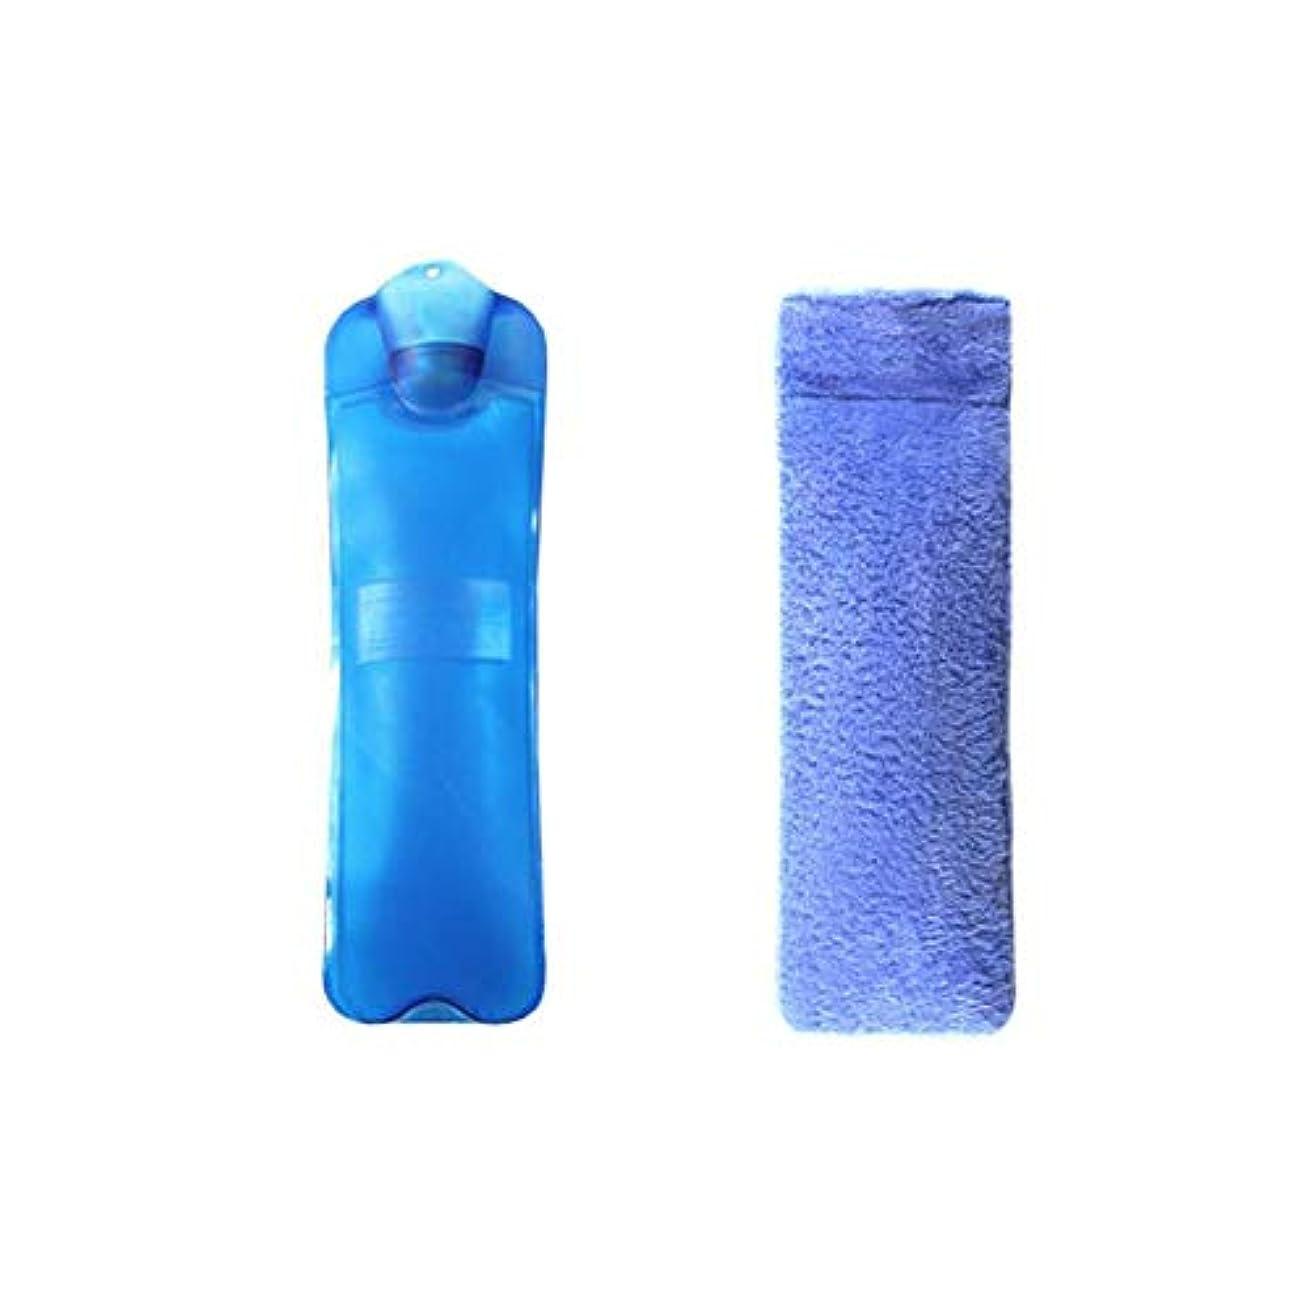 実現可能性人工的な発疹ホットウォーターボトル大温水ボトル2Lクリスマスギフト